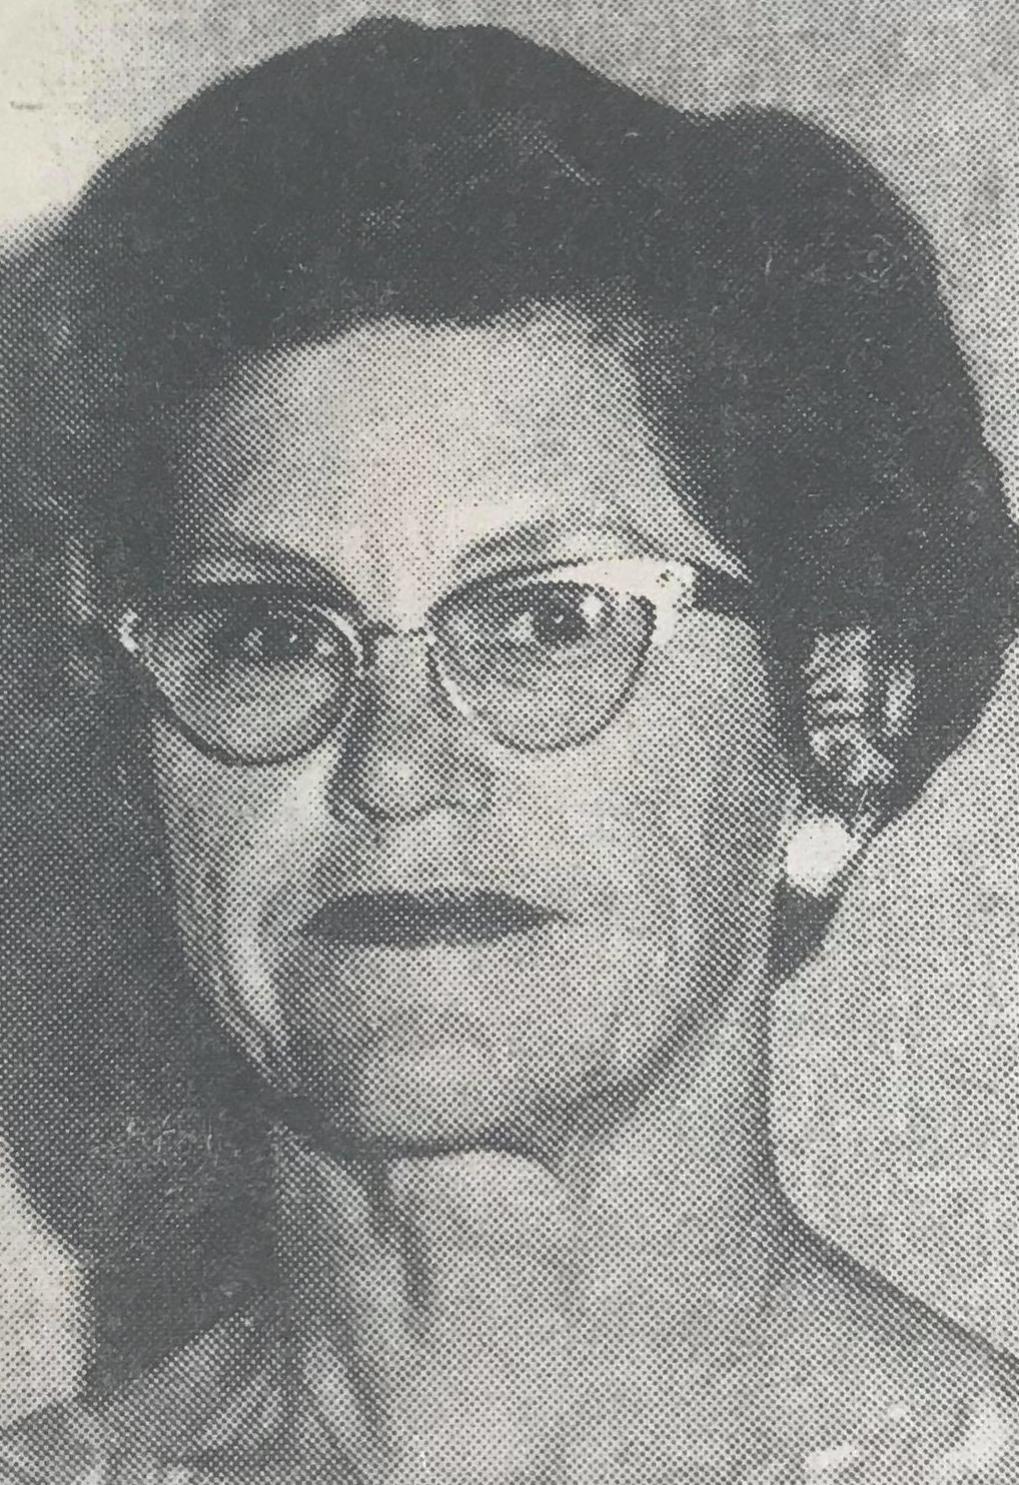 MRS. FRANK HIEBERT  President—Antioch Women's Golf Club